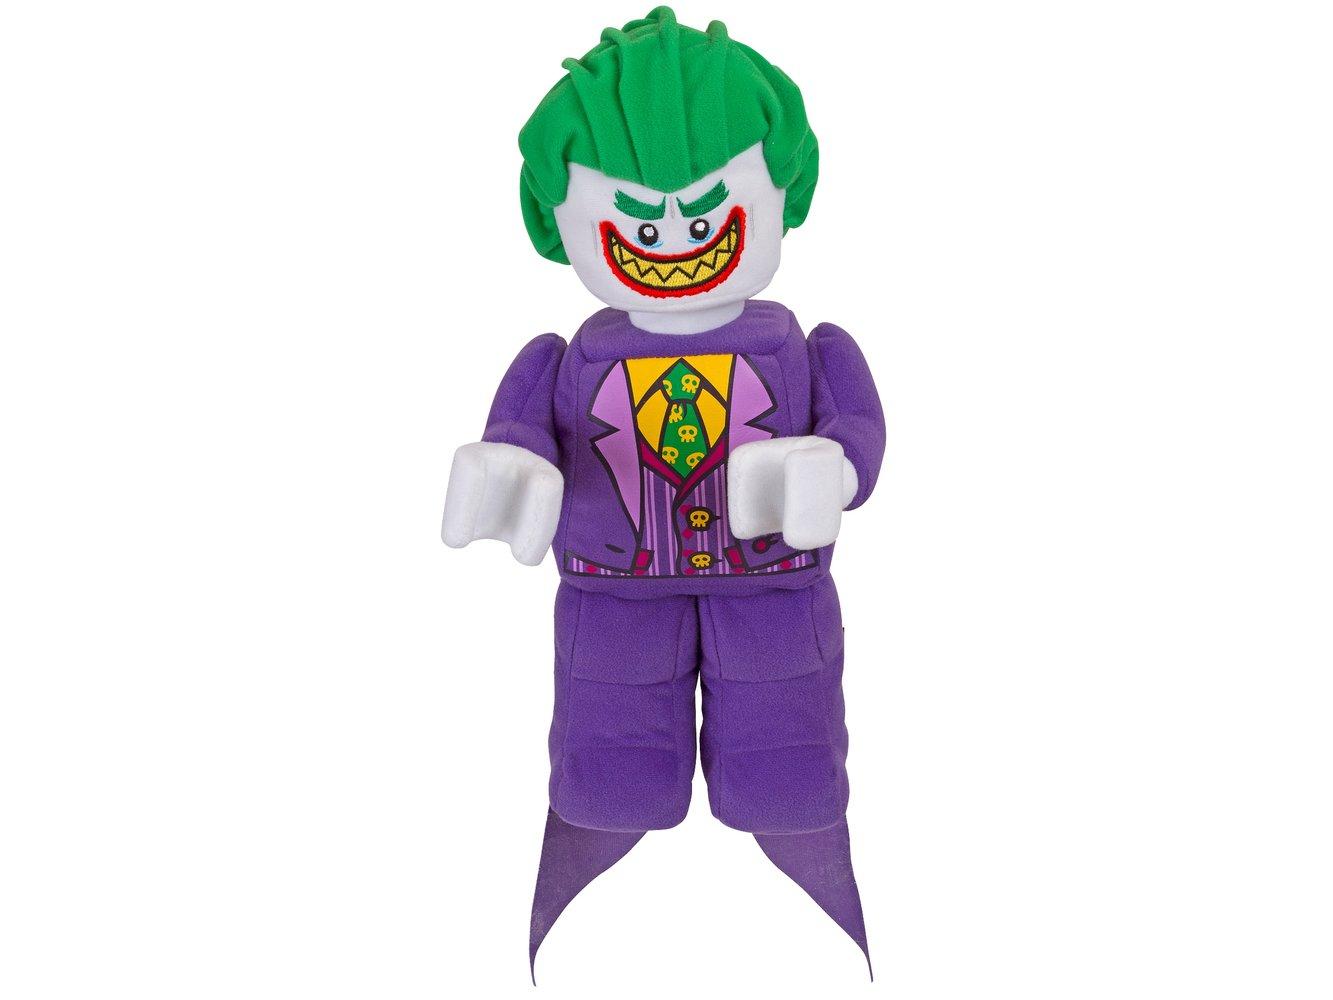 The Joker Minifigure Plush